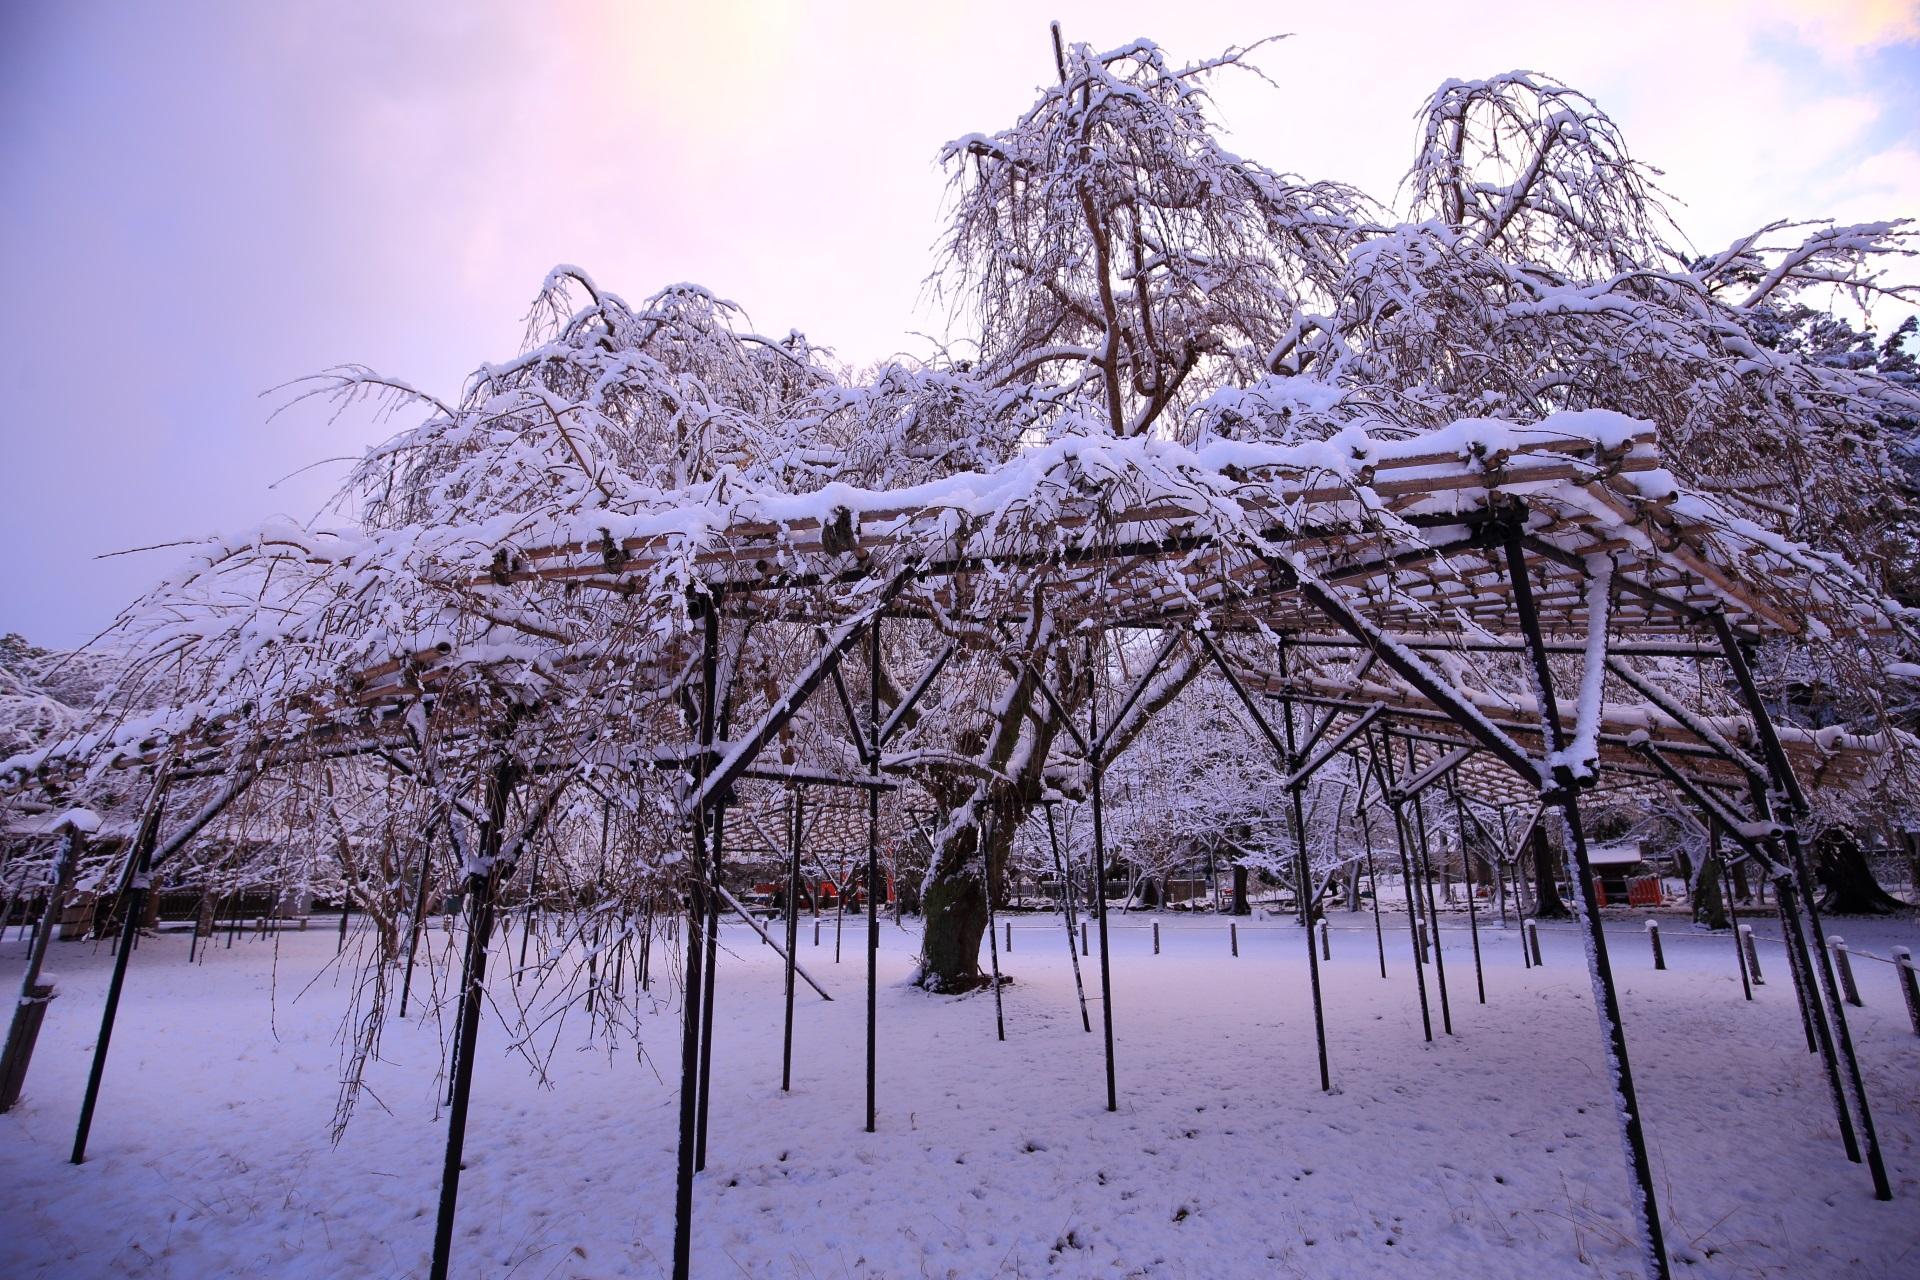 上賀茂神社の斎王桜の雪景色